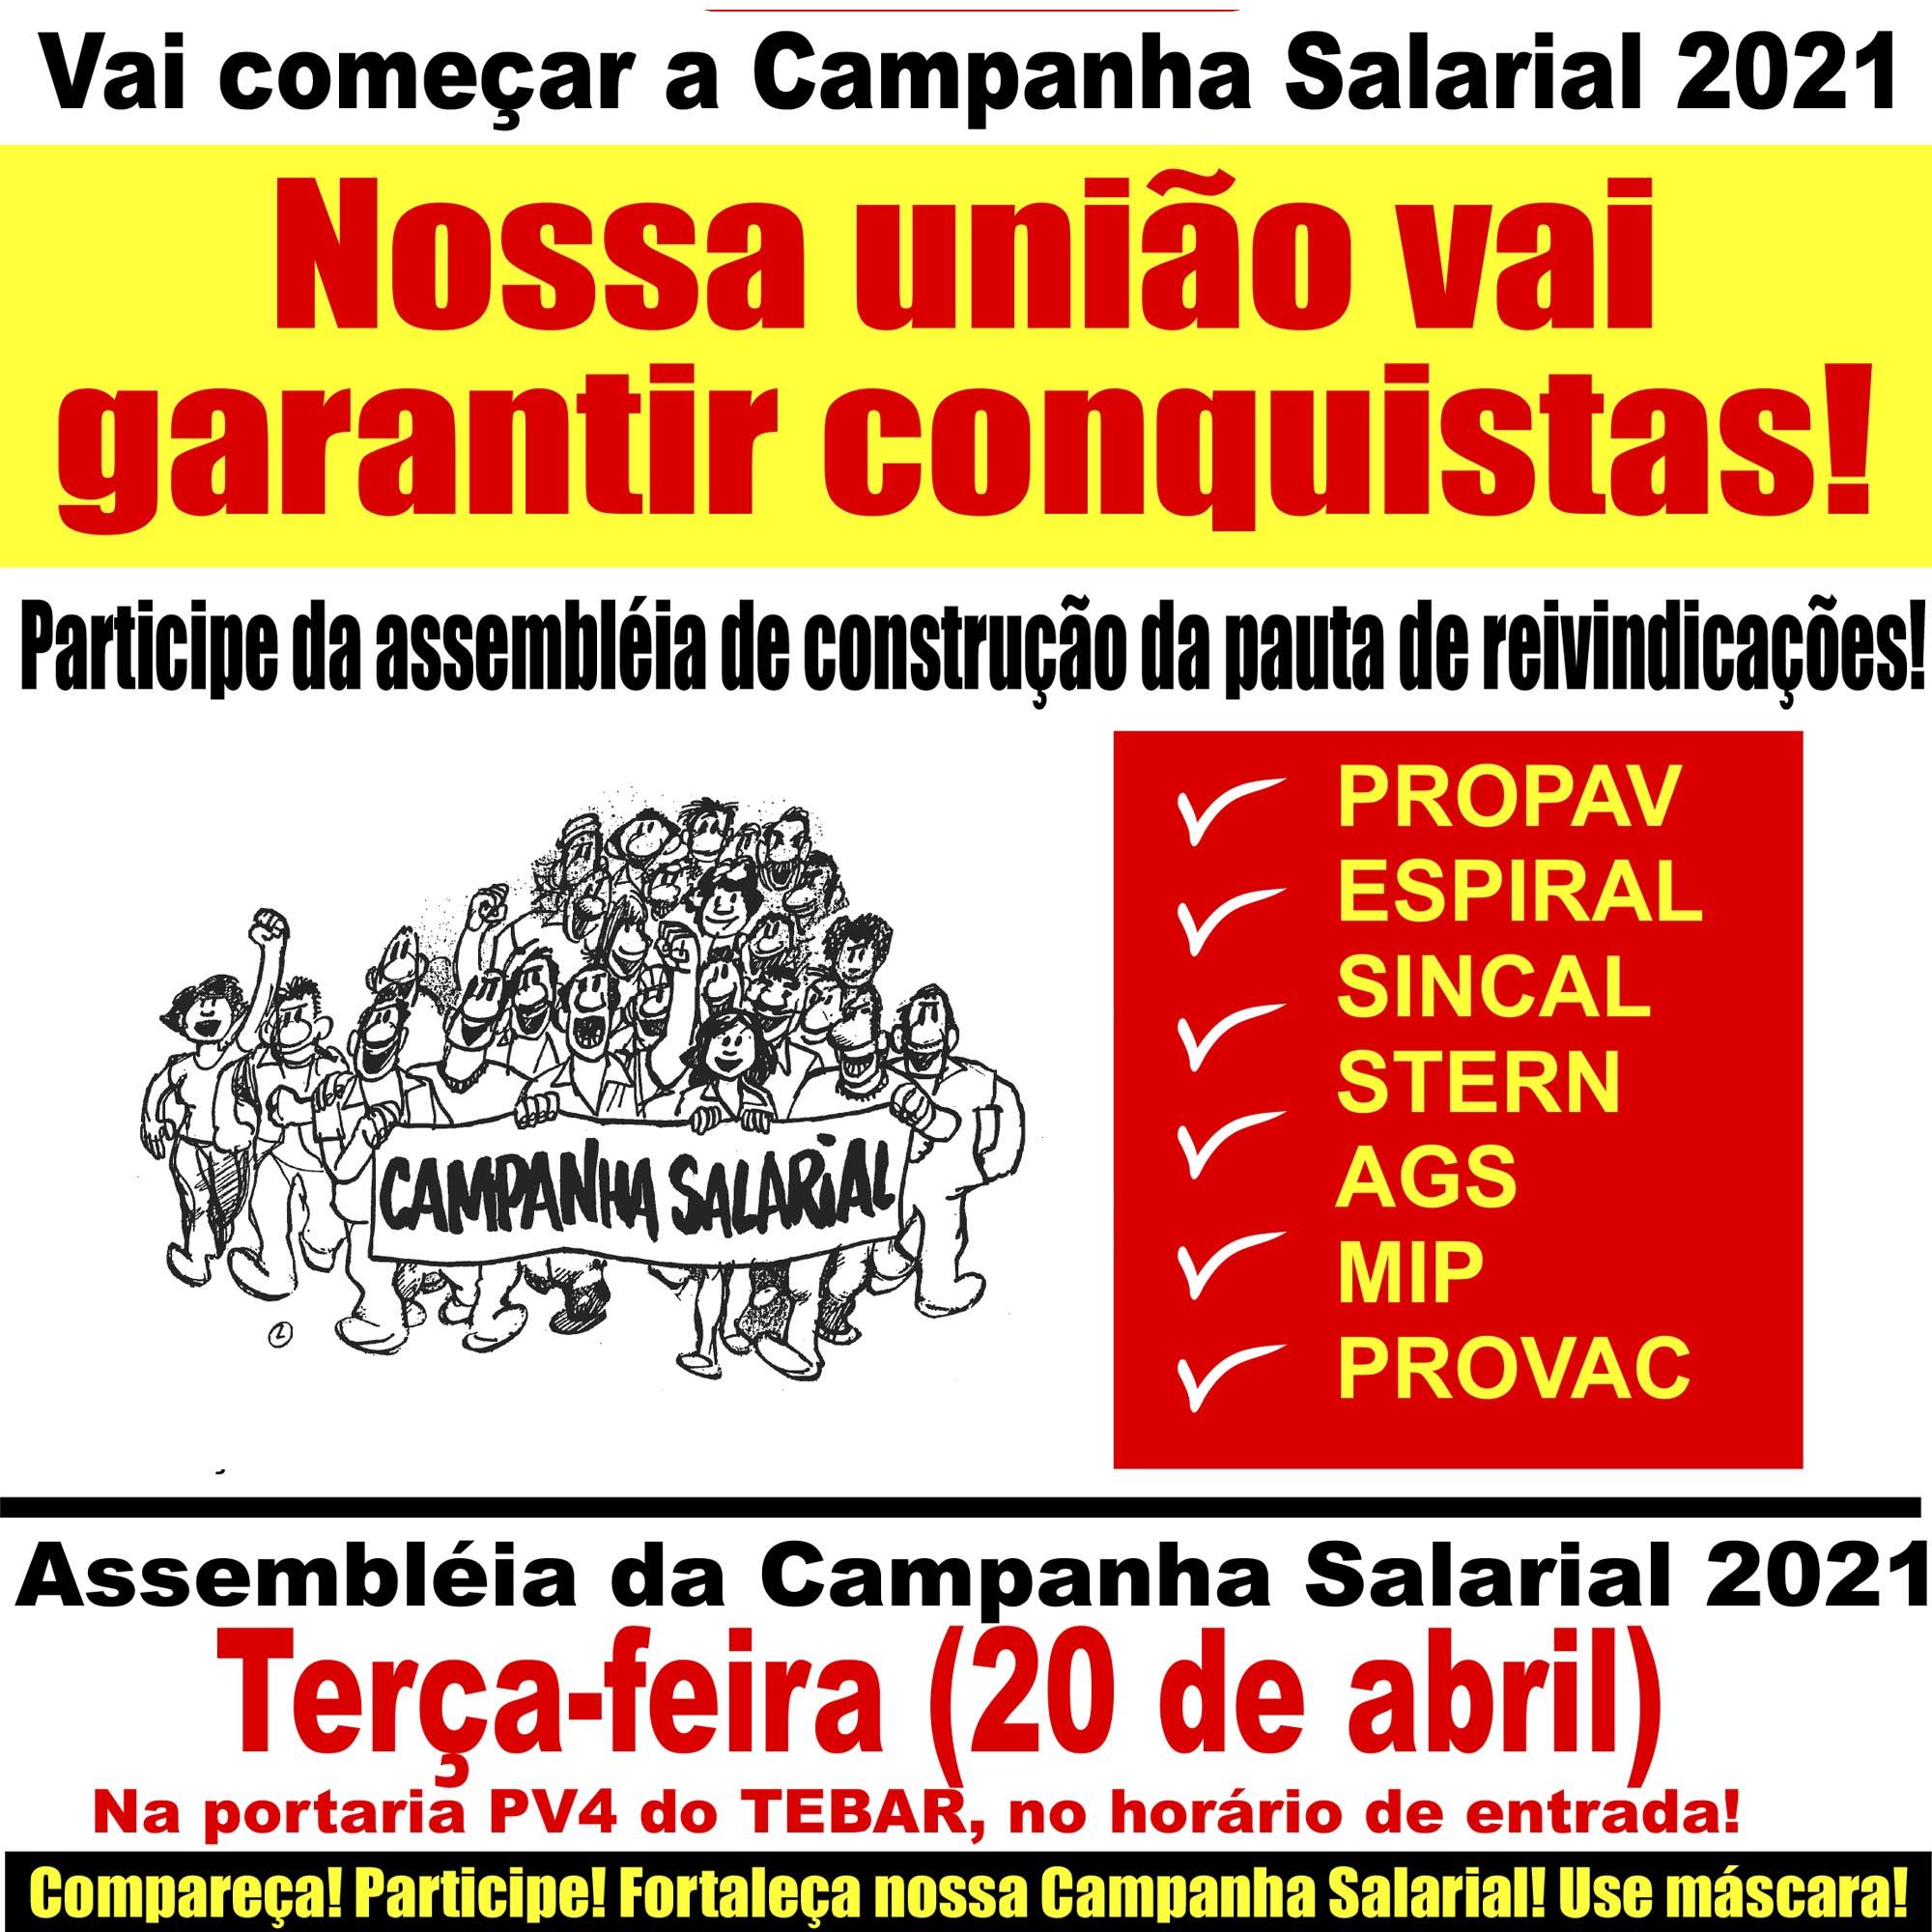 Boletim TEBAR: Vai começar a campanha salarial 2021